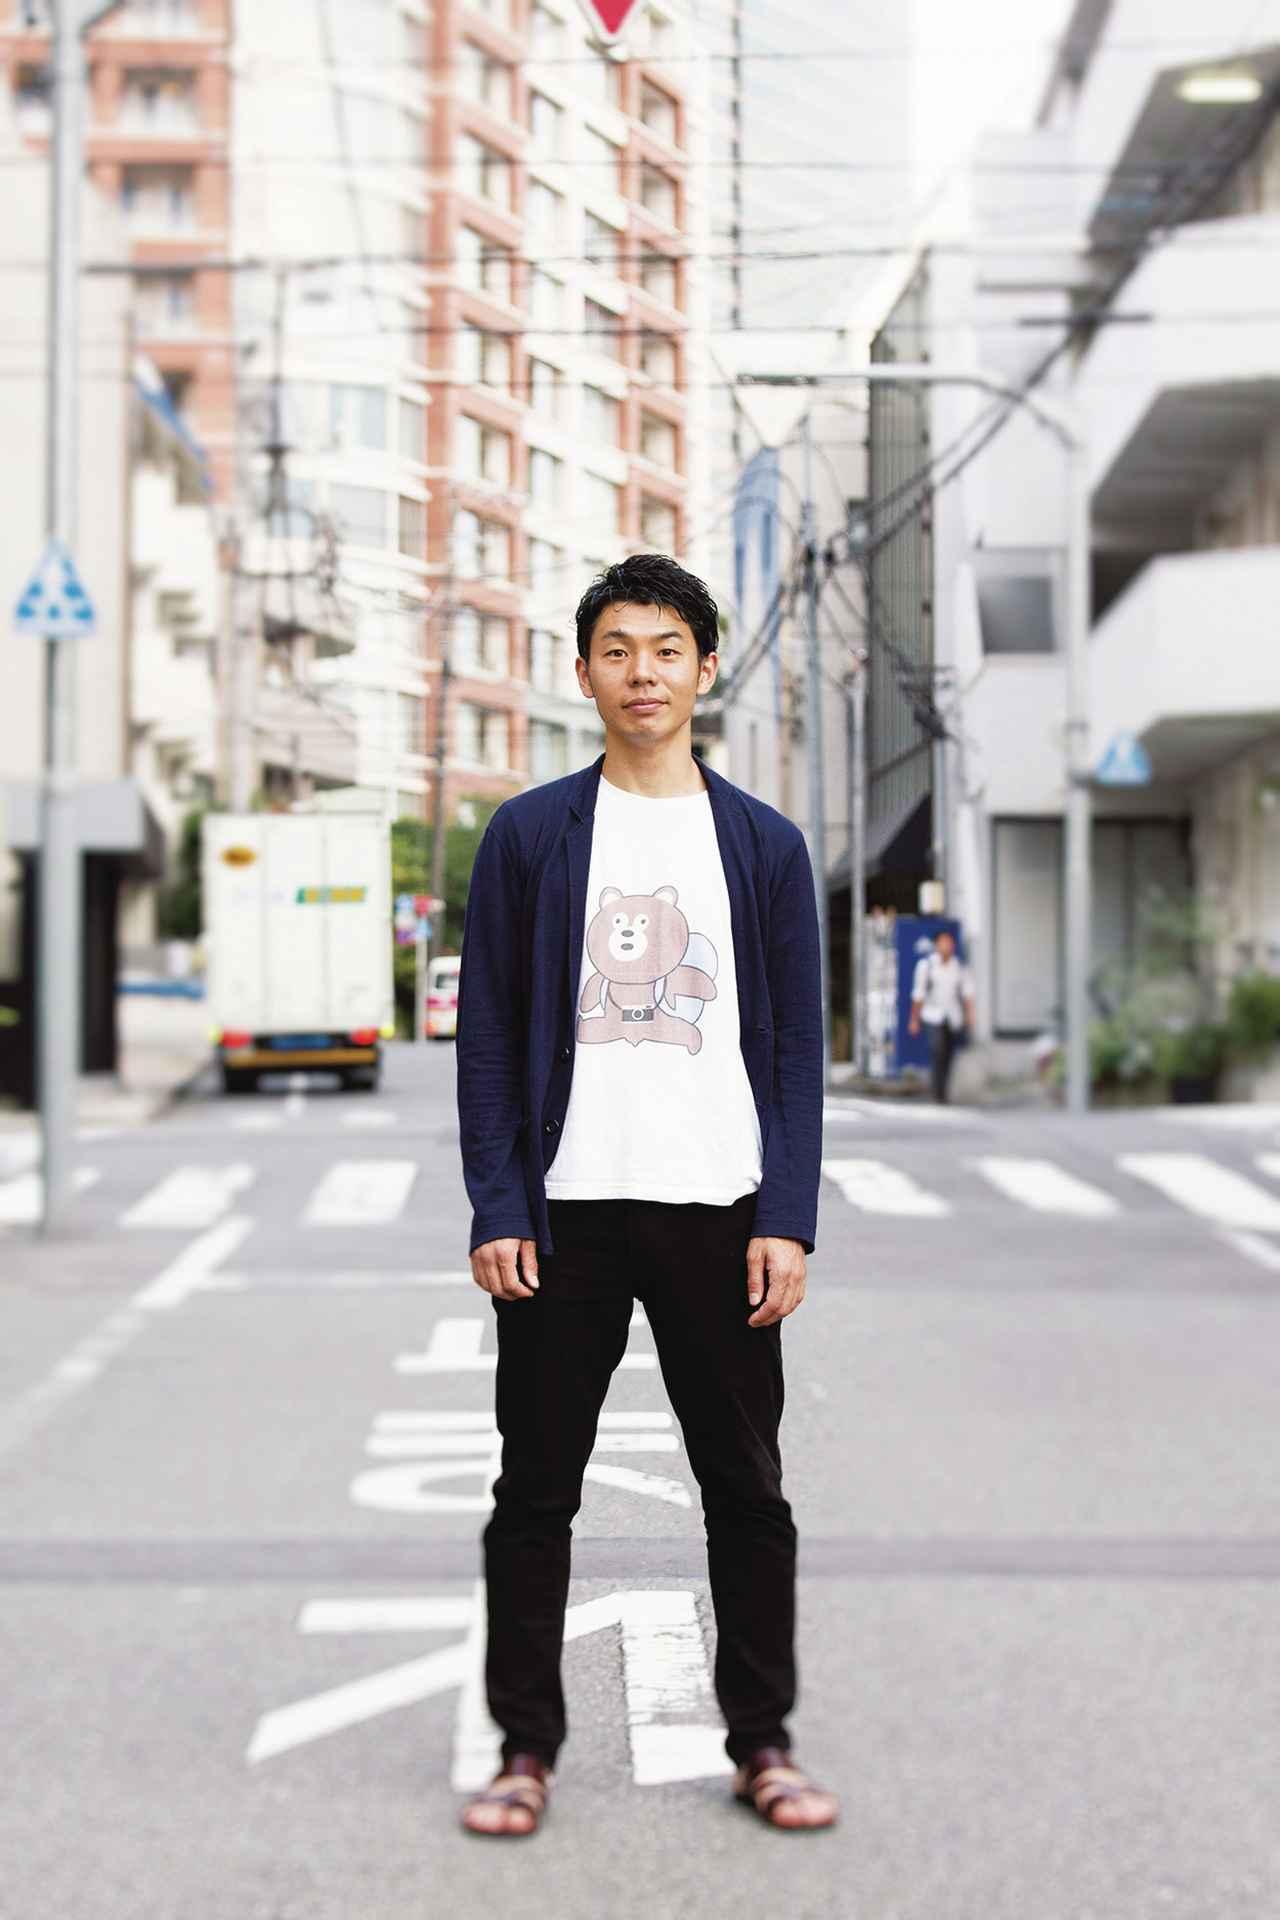 Images : 14番目の画像 - 「子どもたちをみんなで見守る。 活動を続ける4人の声と それぞれのサポートのかたち」のアルバム - T JAPAN:The New York Times Style Magazine 公式サイト